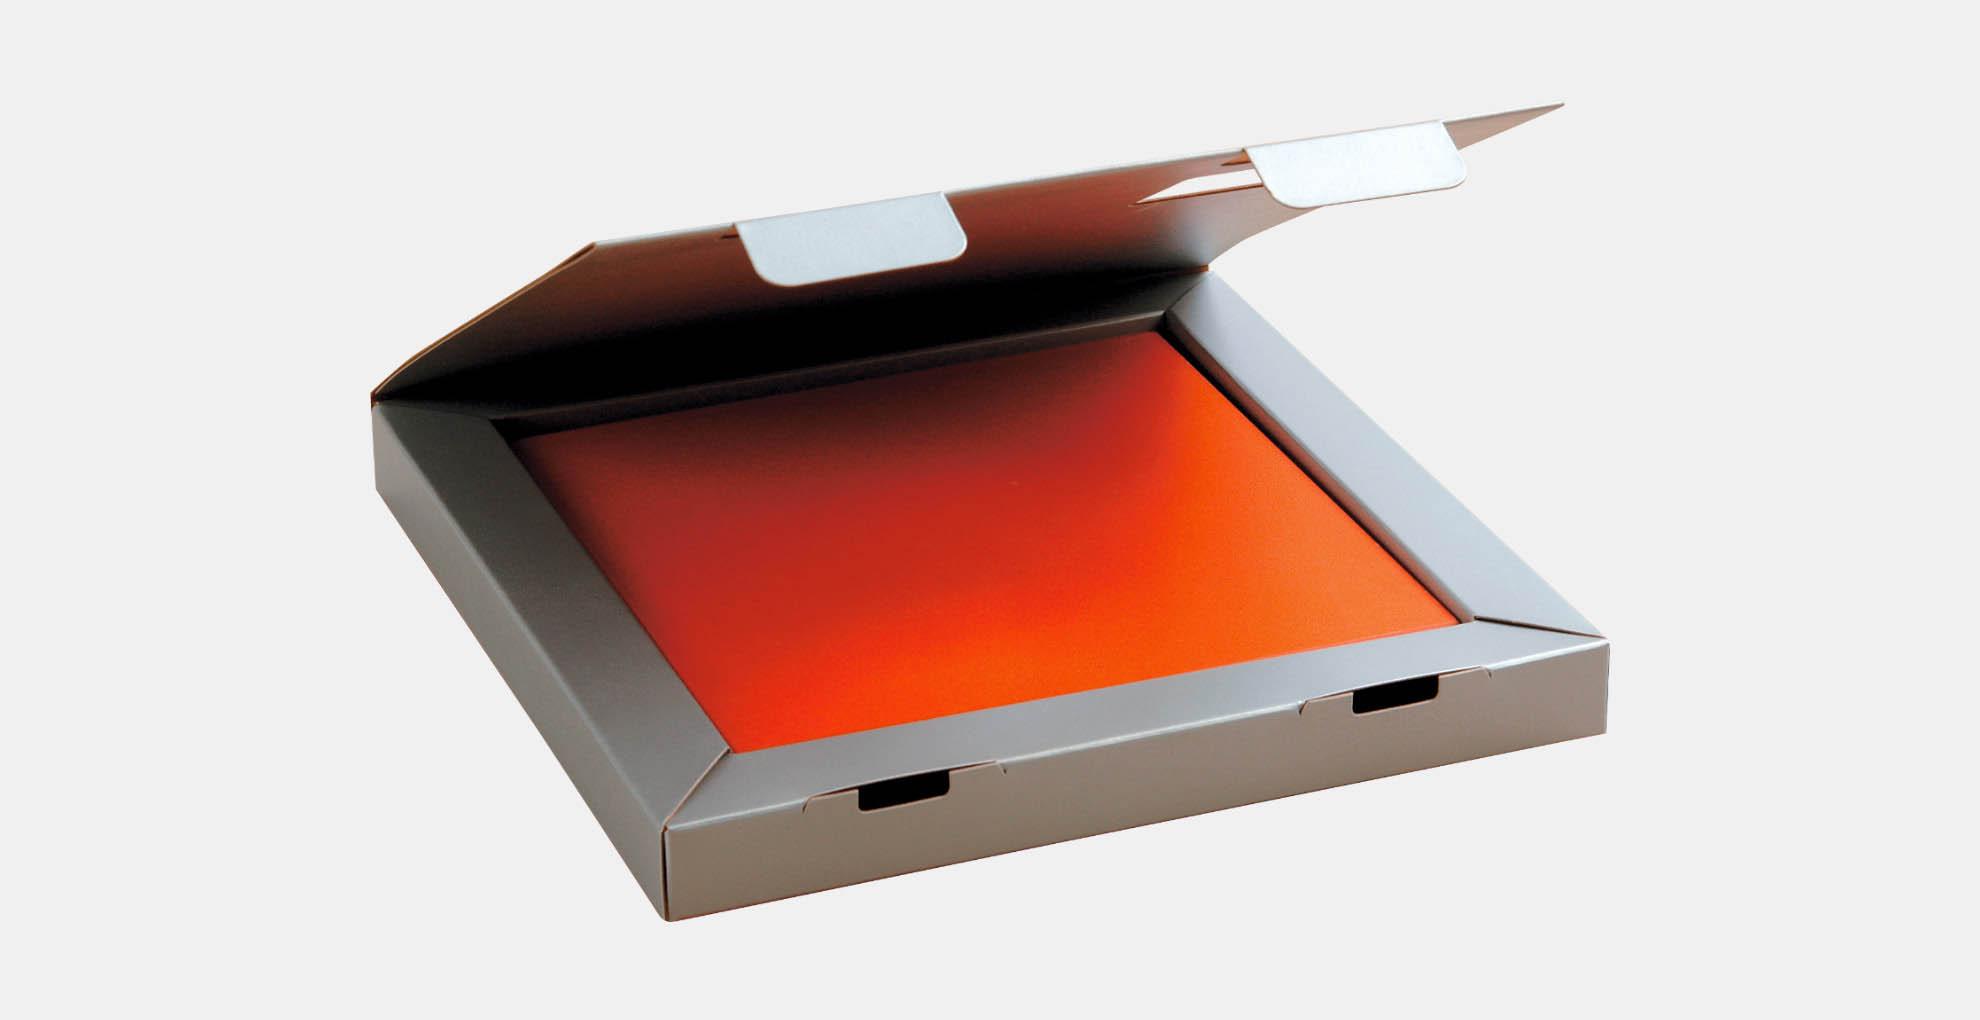 מארז קופסא ממותג בהתאמה אישית עבור דוגמאות שונות, חיתוך צורני, קרטון דופלקס